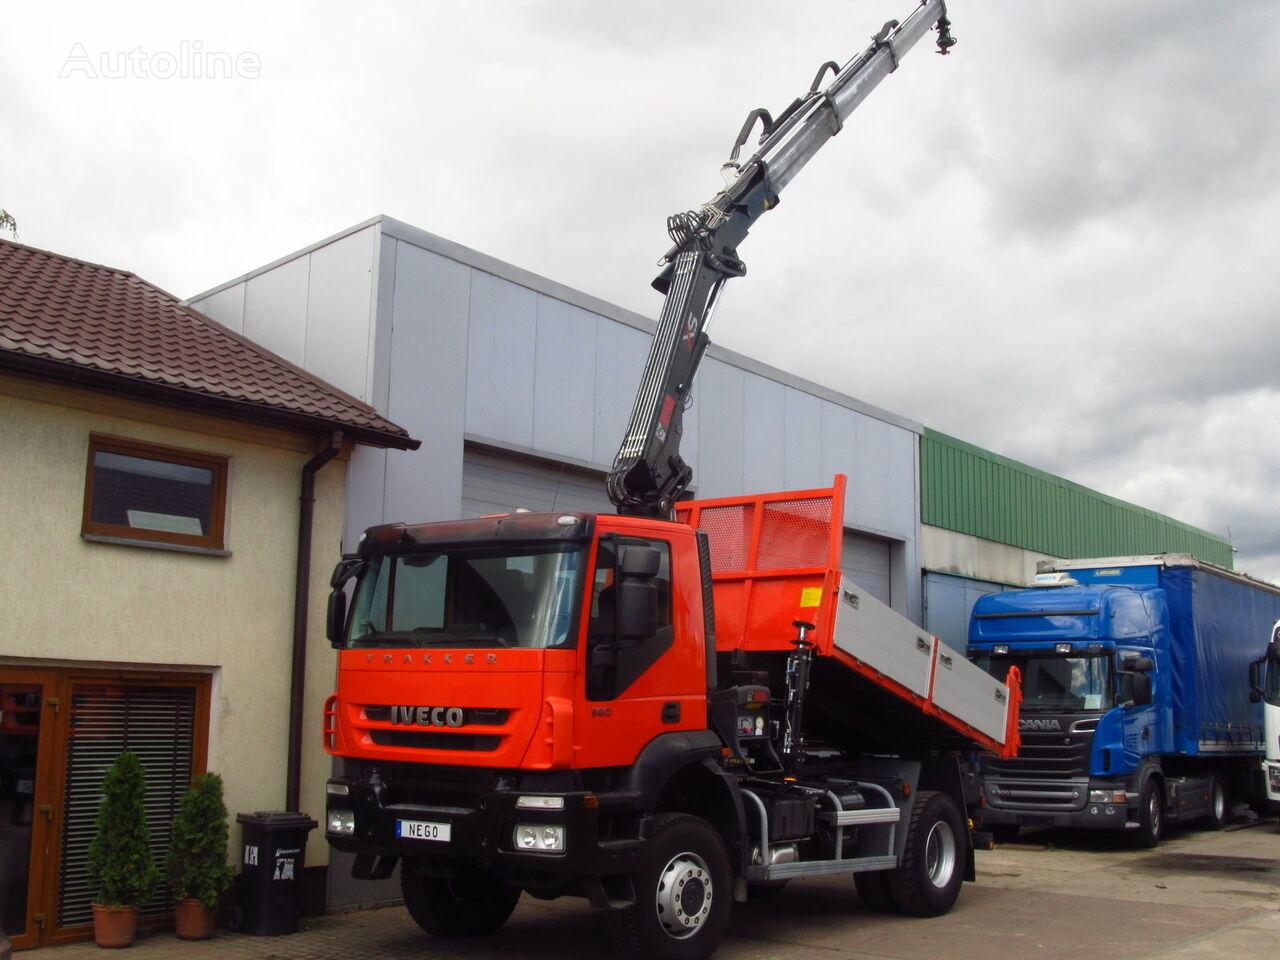 камион самосвал IVECO TRAKKER 360 EEV 4x4 *2011* TIPPER + HIAB 144 HI DUO 10m-1300kg